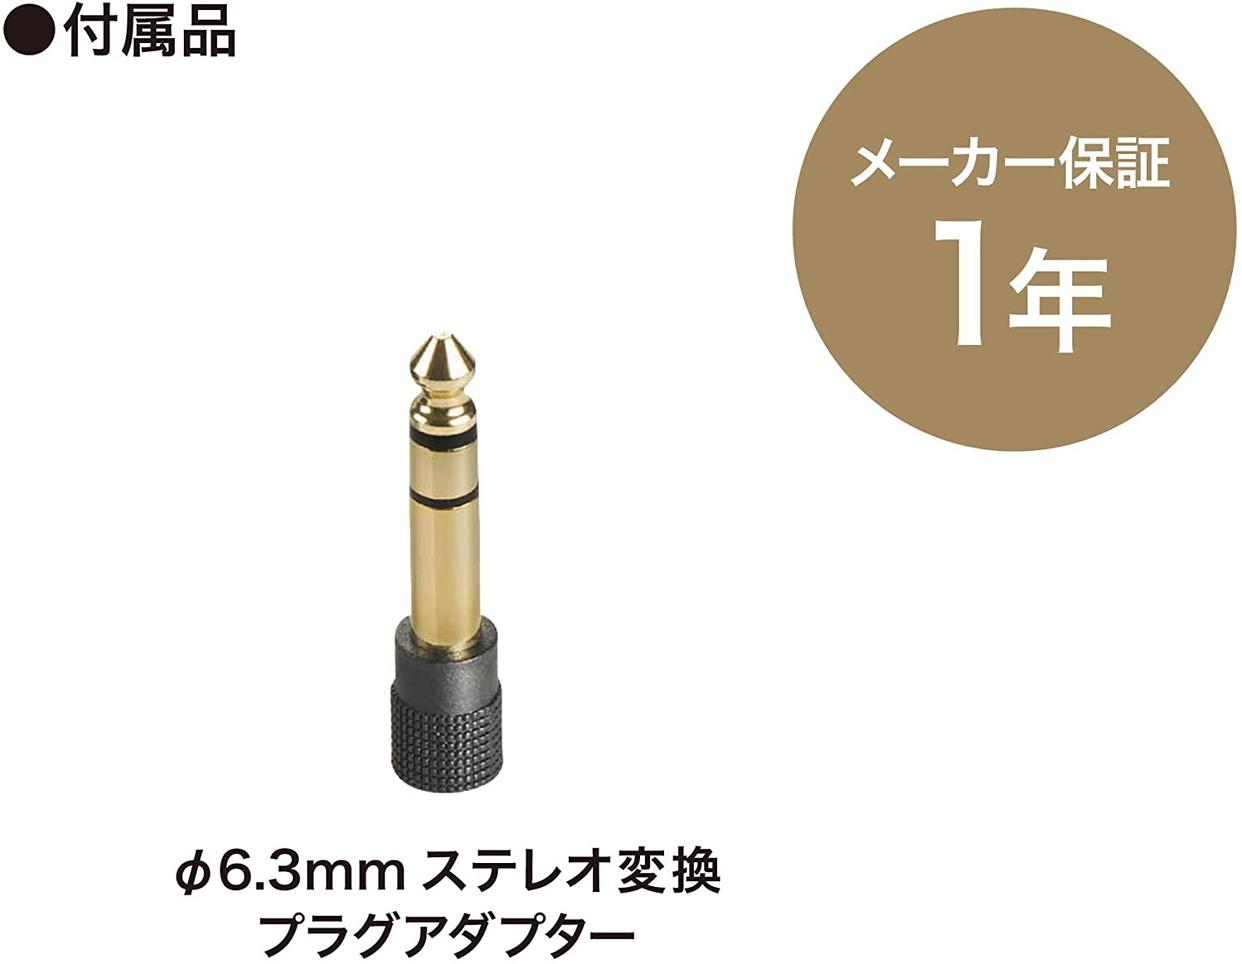 audio-technica(オーディオテクニカ) プロフェッショナルモニターヘッドホン  ATH-M20xの商品画像5